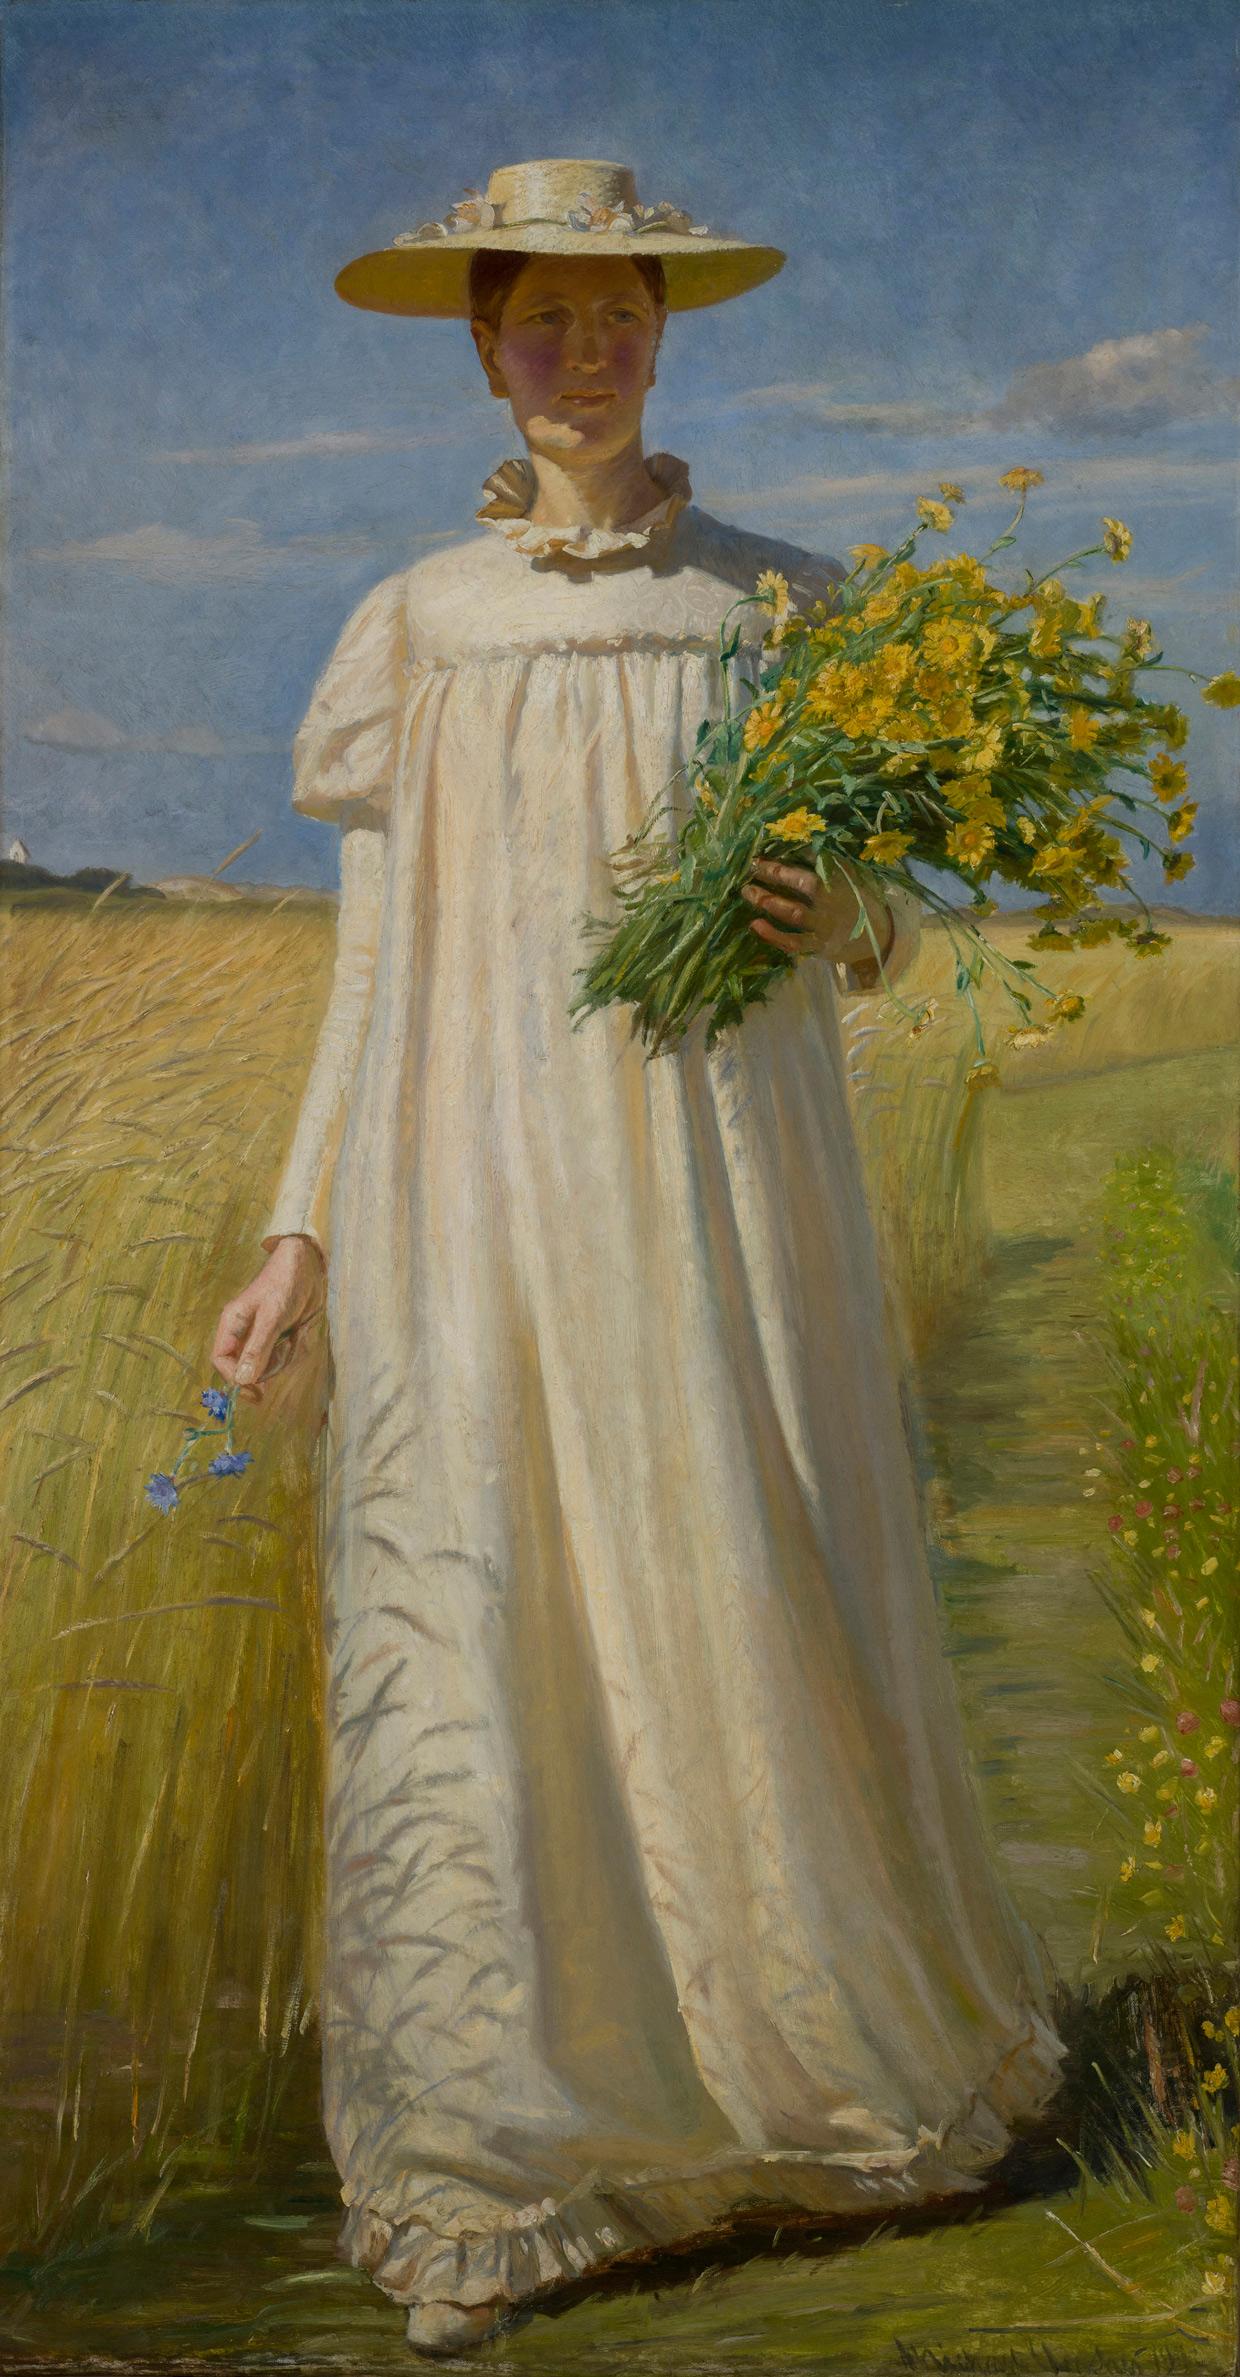 Michael Ancher, Anna Ancher vender hjem fra marken, 1902. Skagens Museum. Foto Skagens Museum